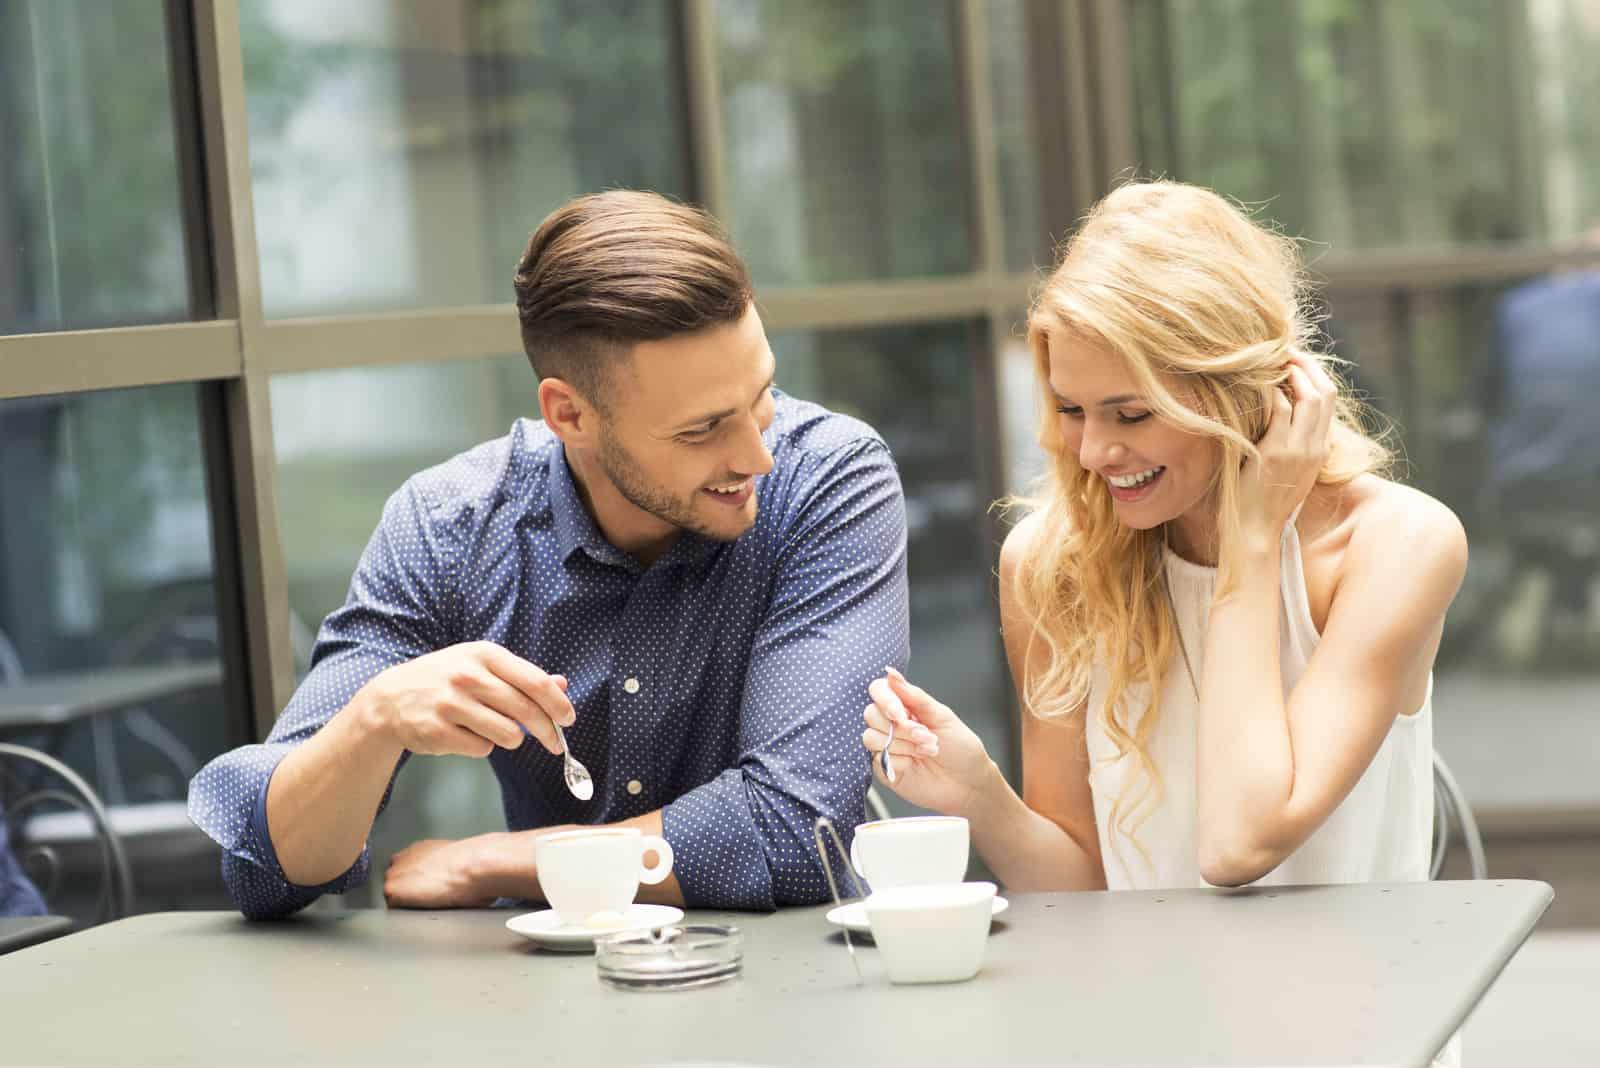 homme et femme souriant tout en buvant du café